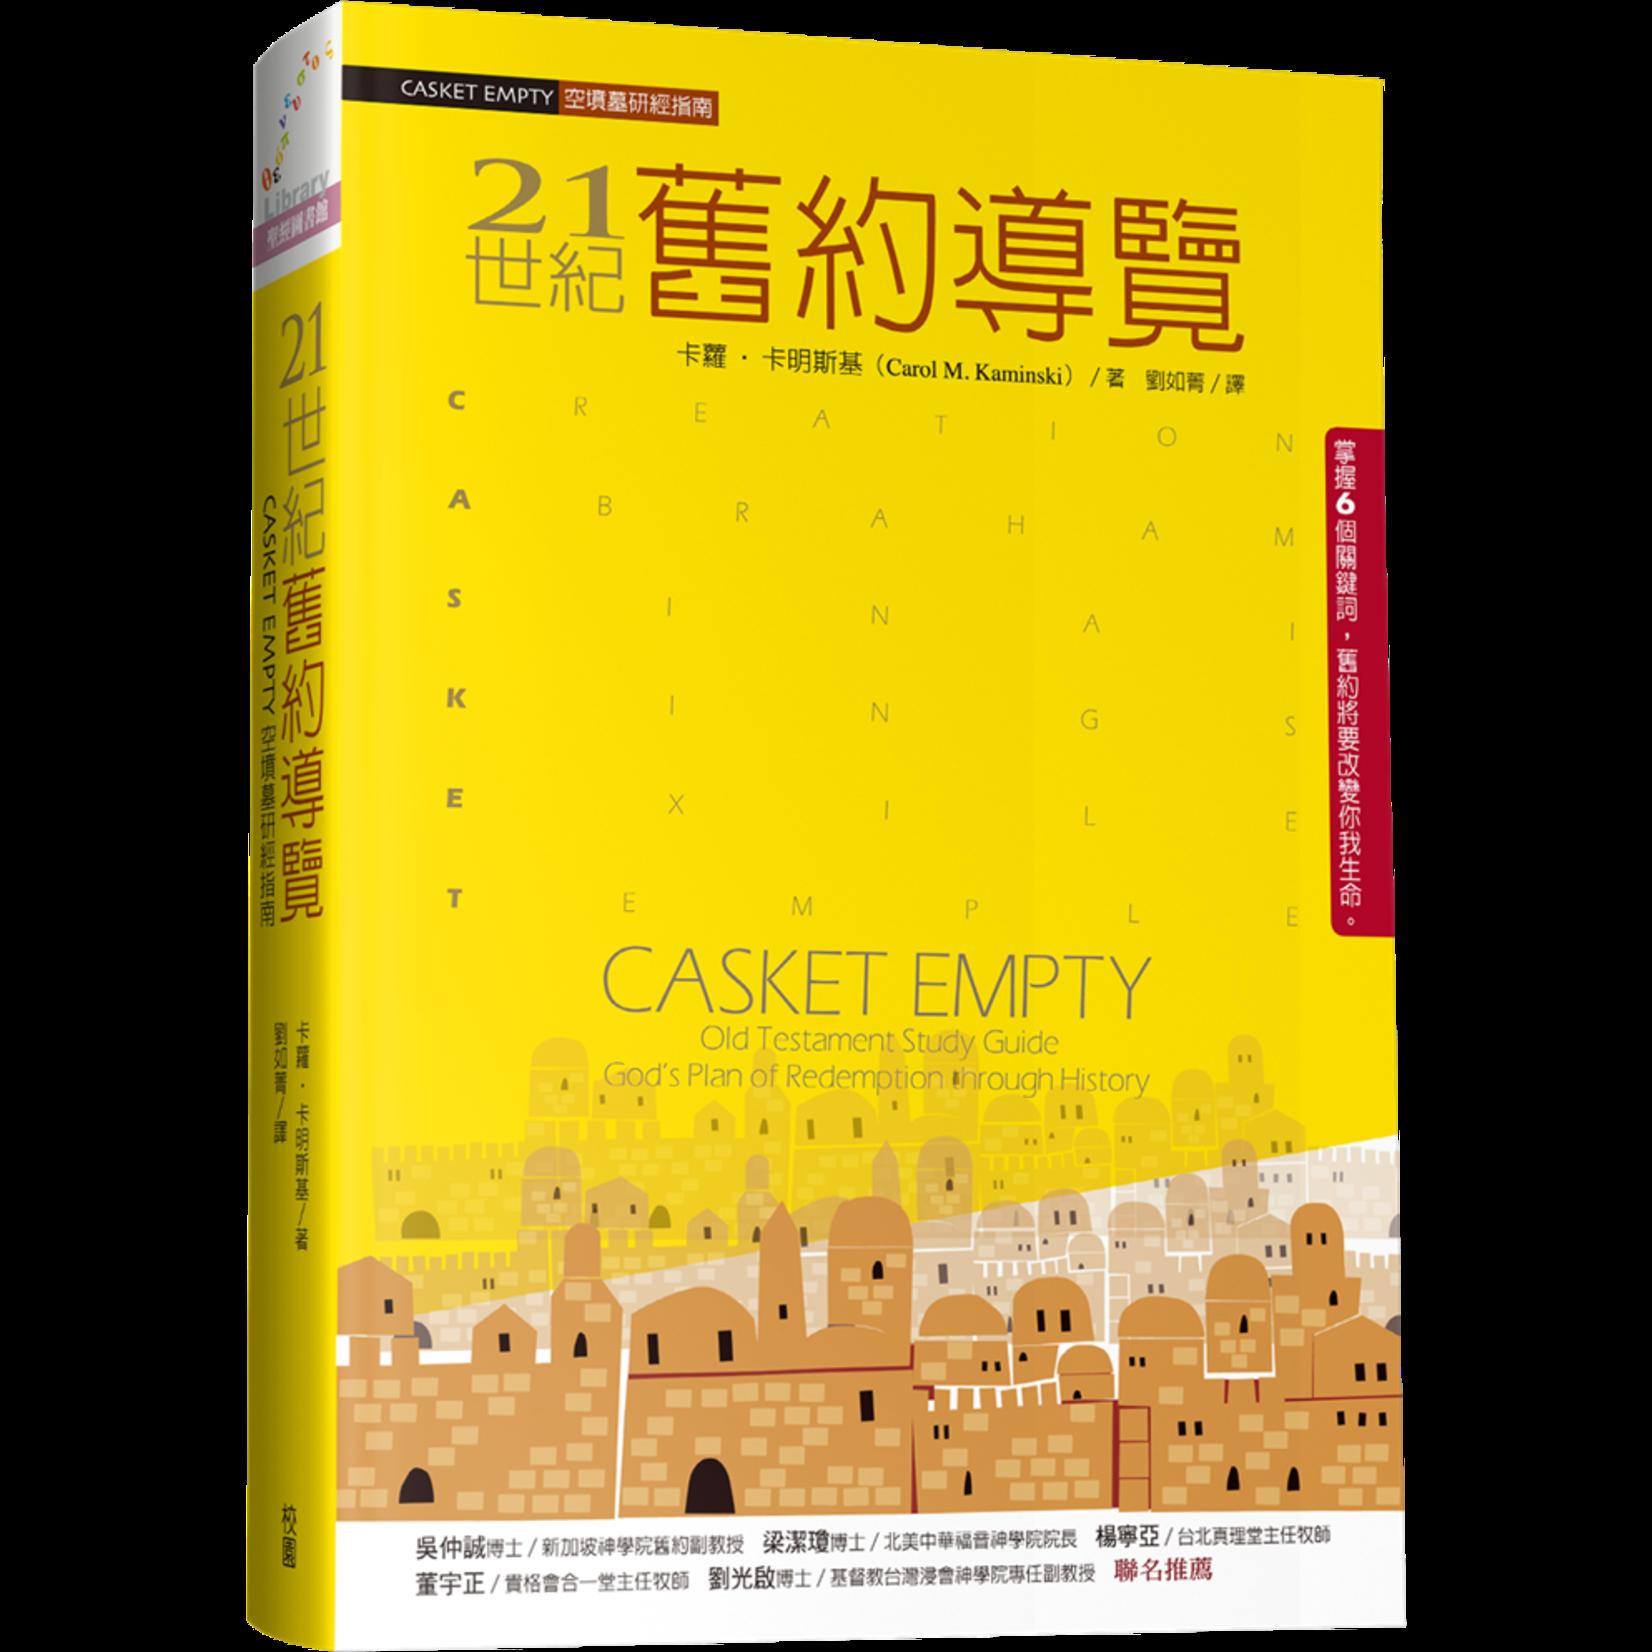 校園書房 Campus Books 21世紀舊約導覽 CASKET EMPTY: Old Testament Study Guide--God's Plan of Redemption through History